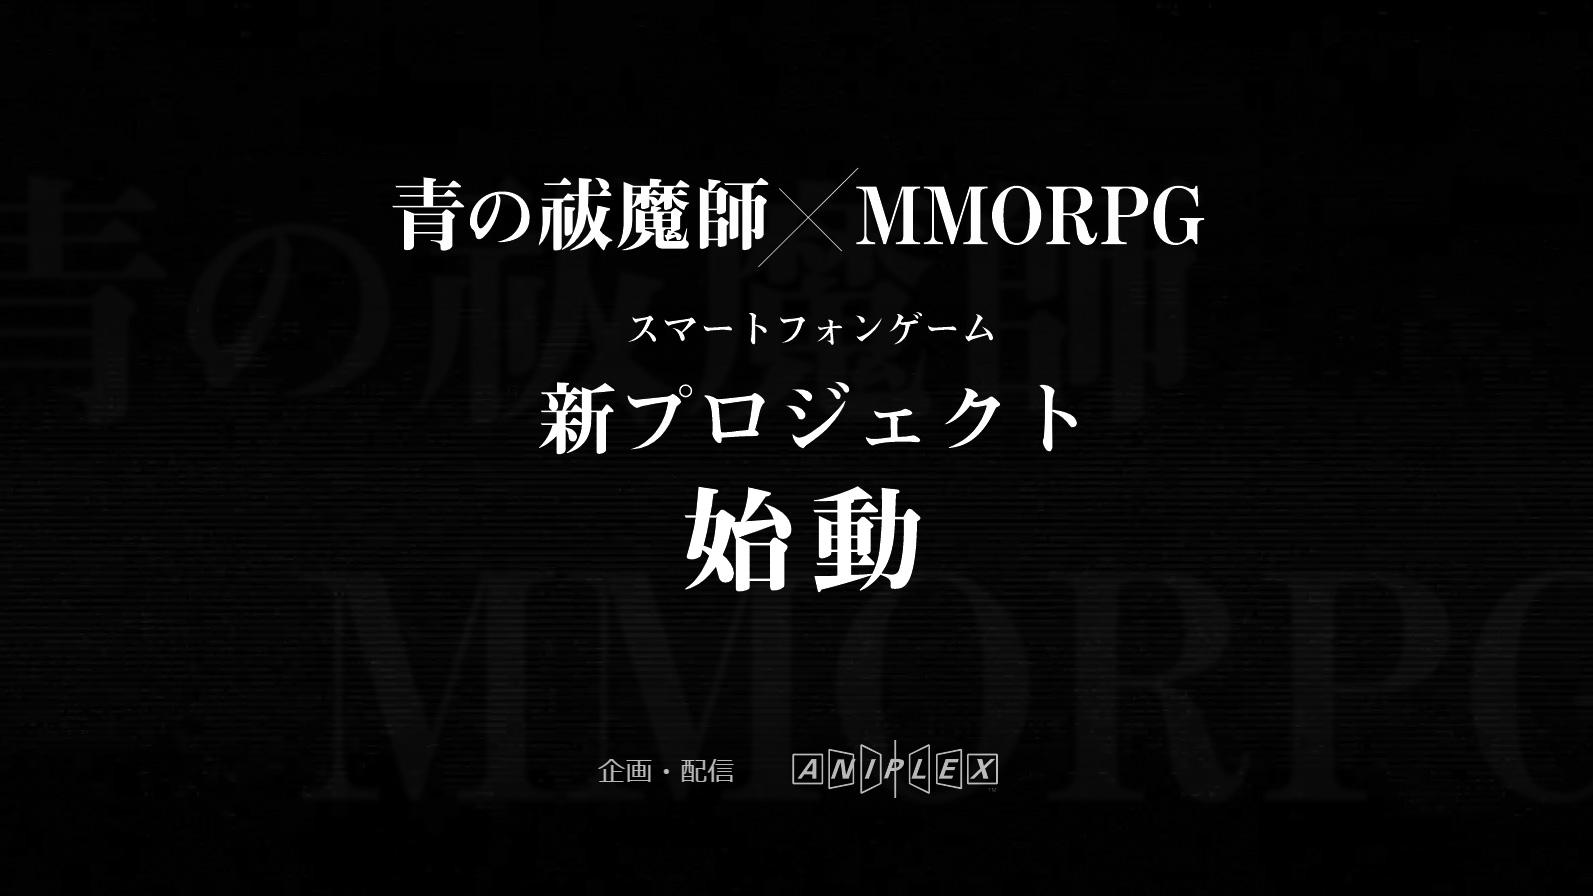 Blue Exorcist: Damned Code Mobile MMORPG